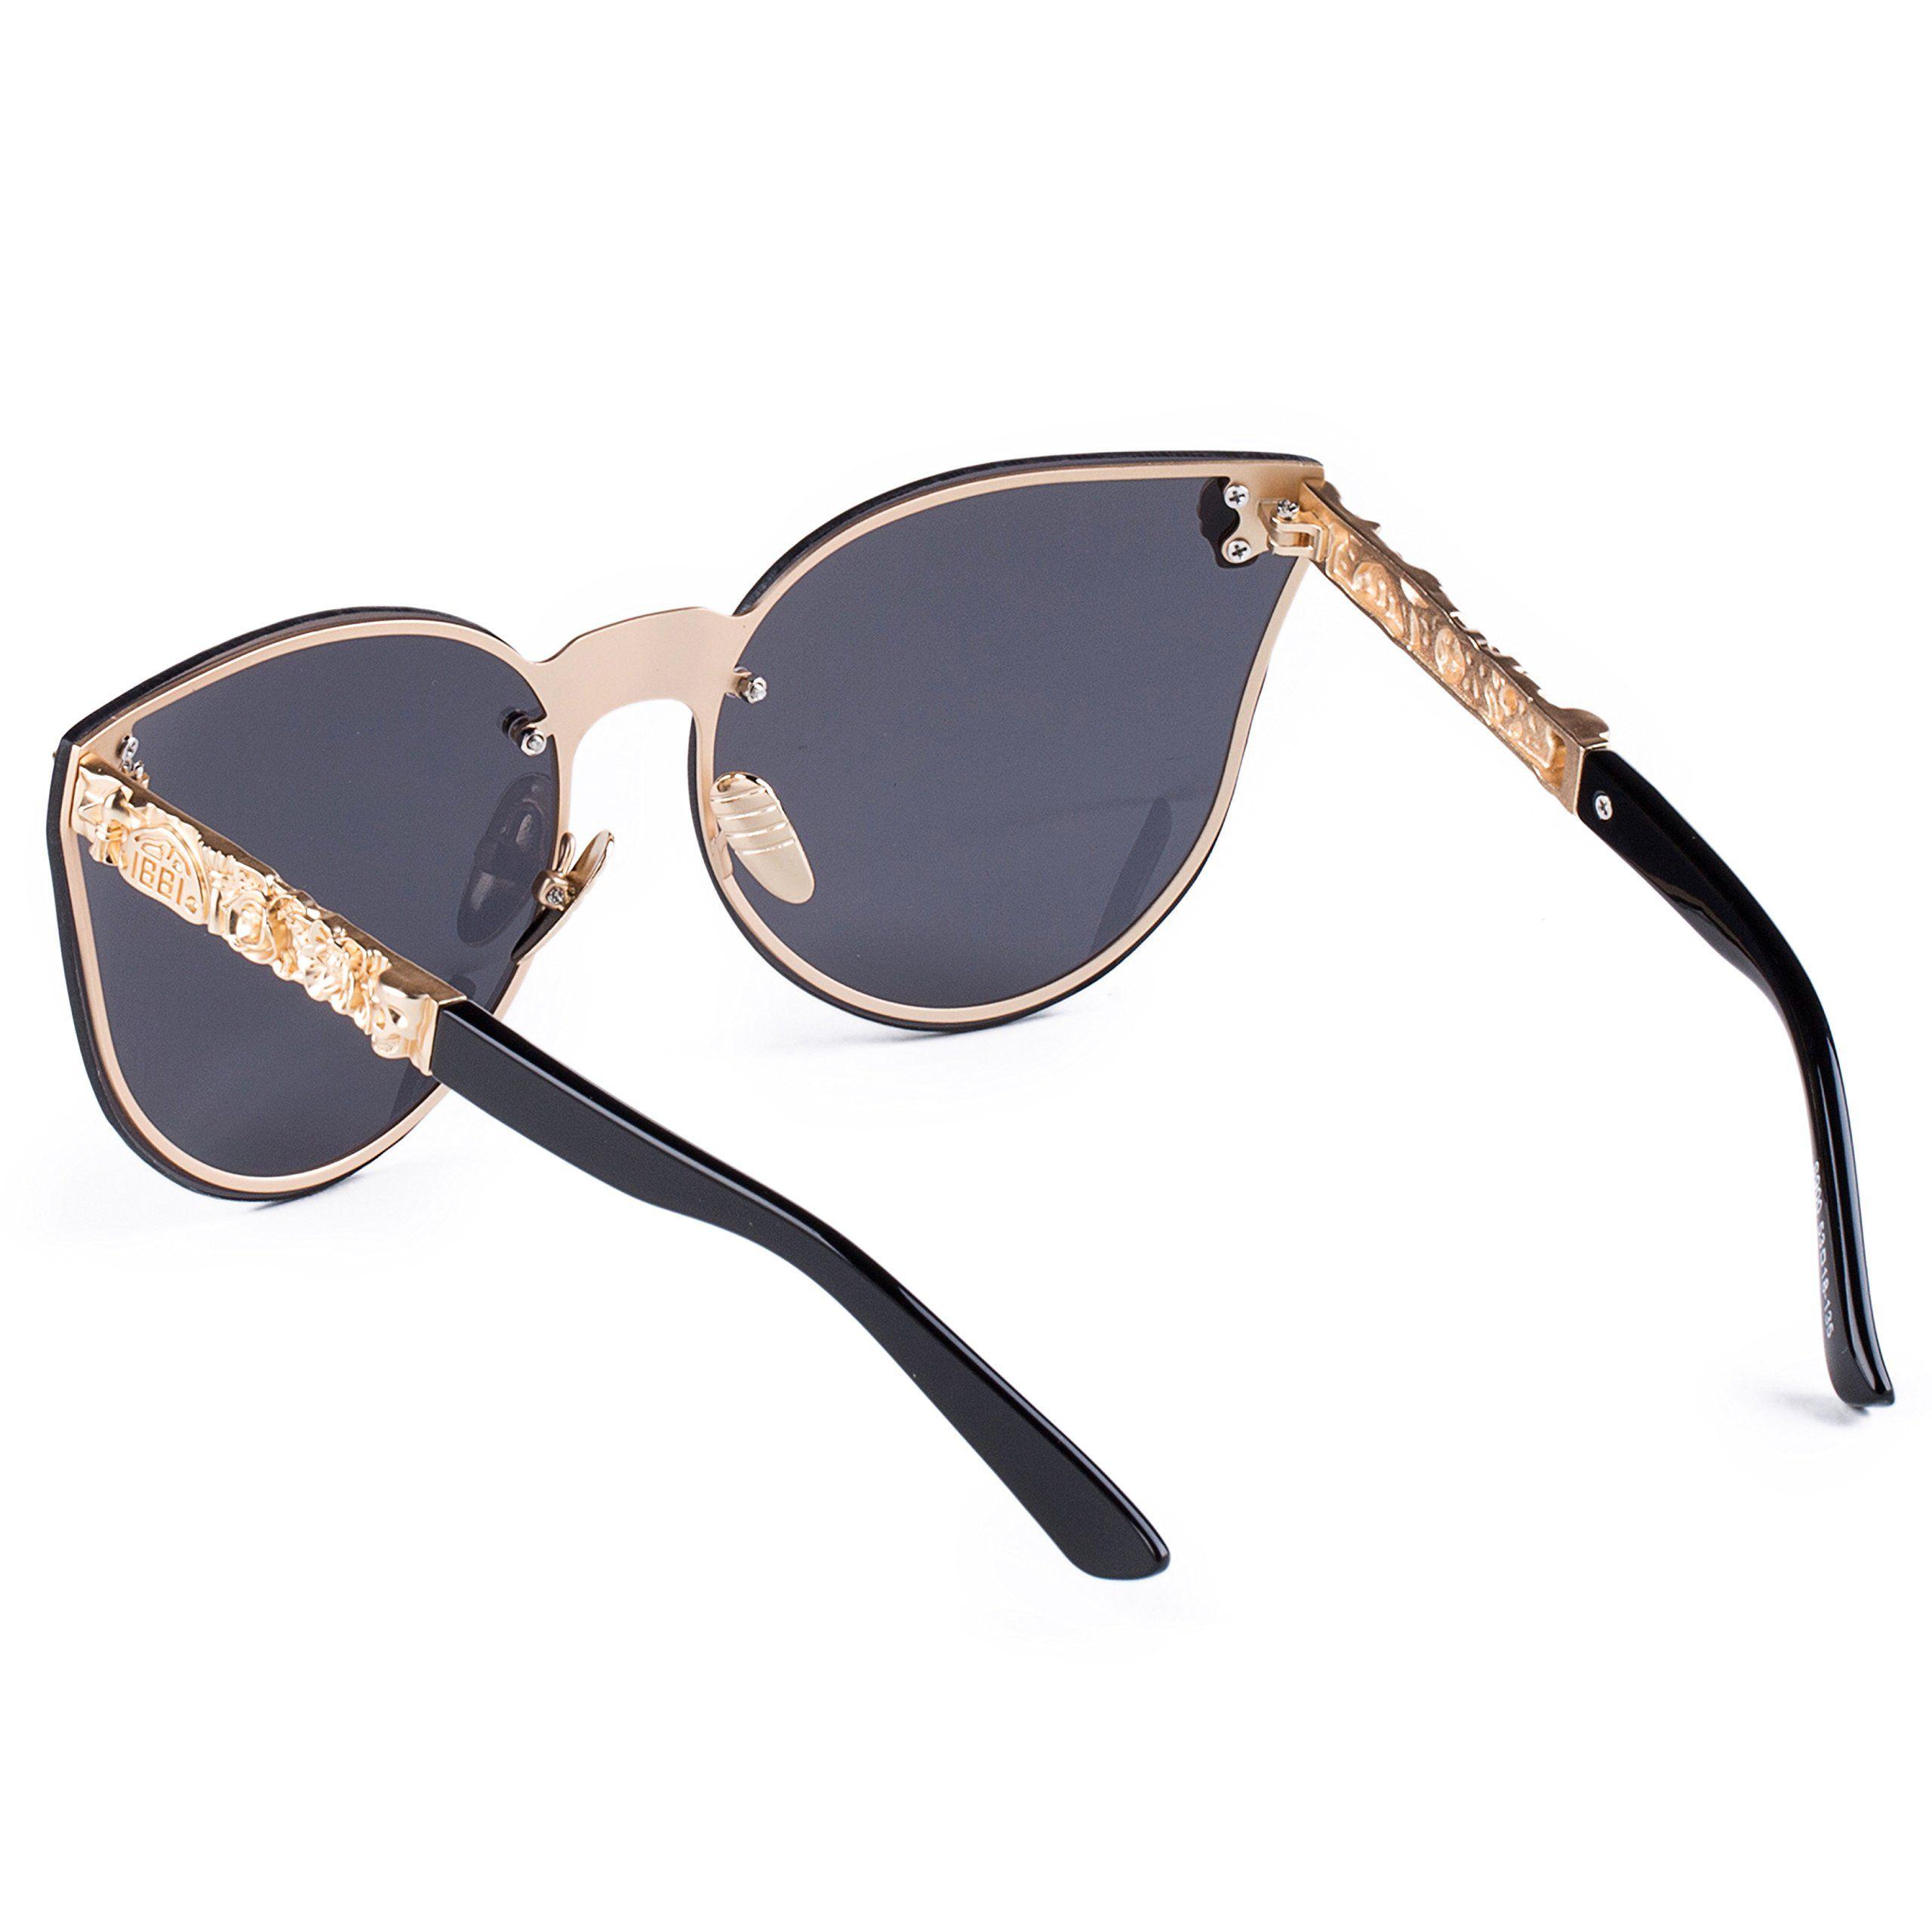 Dollger Rimless Skull Design Cat Eye Sunglasses UV400 Protection